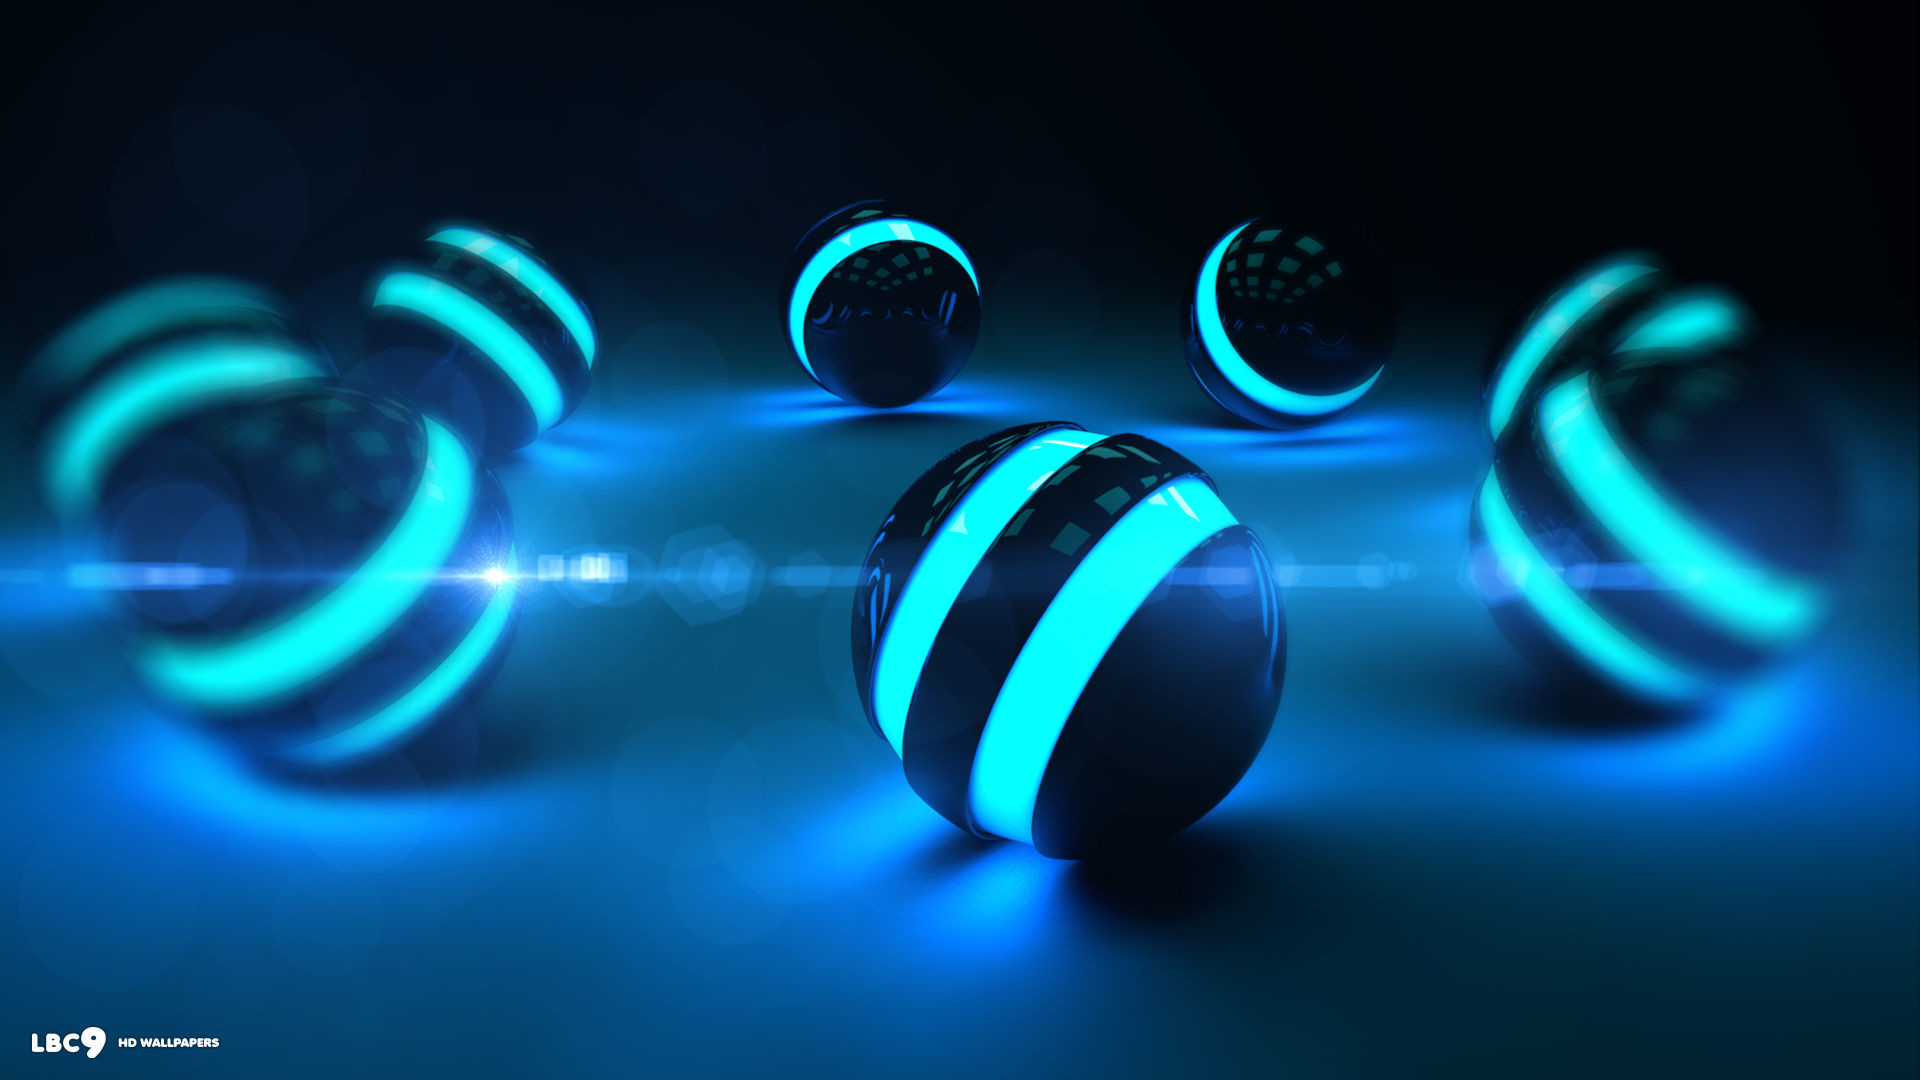 синие светящиеся картинки на рабочий стол люмия любом